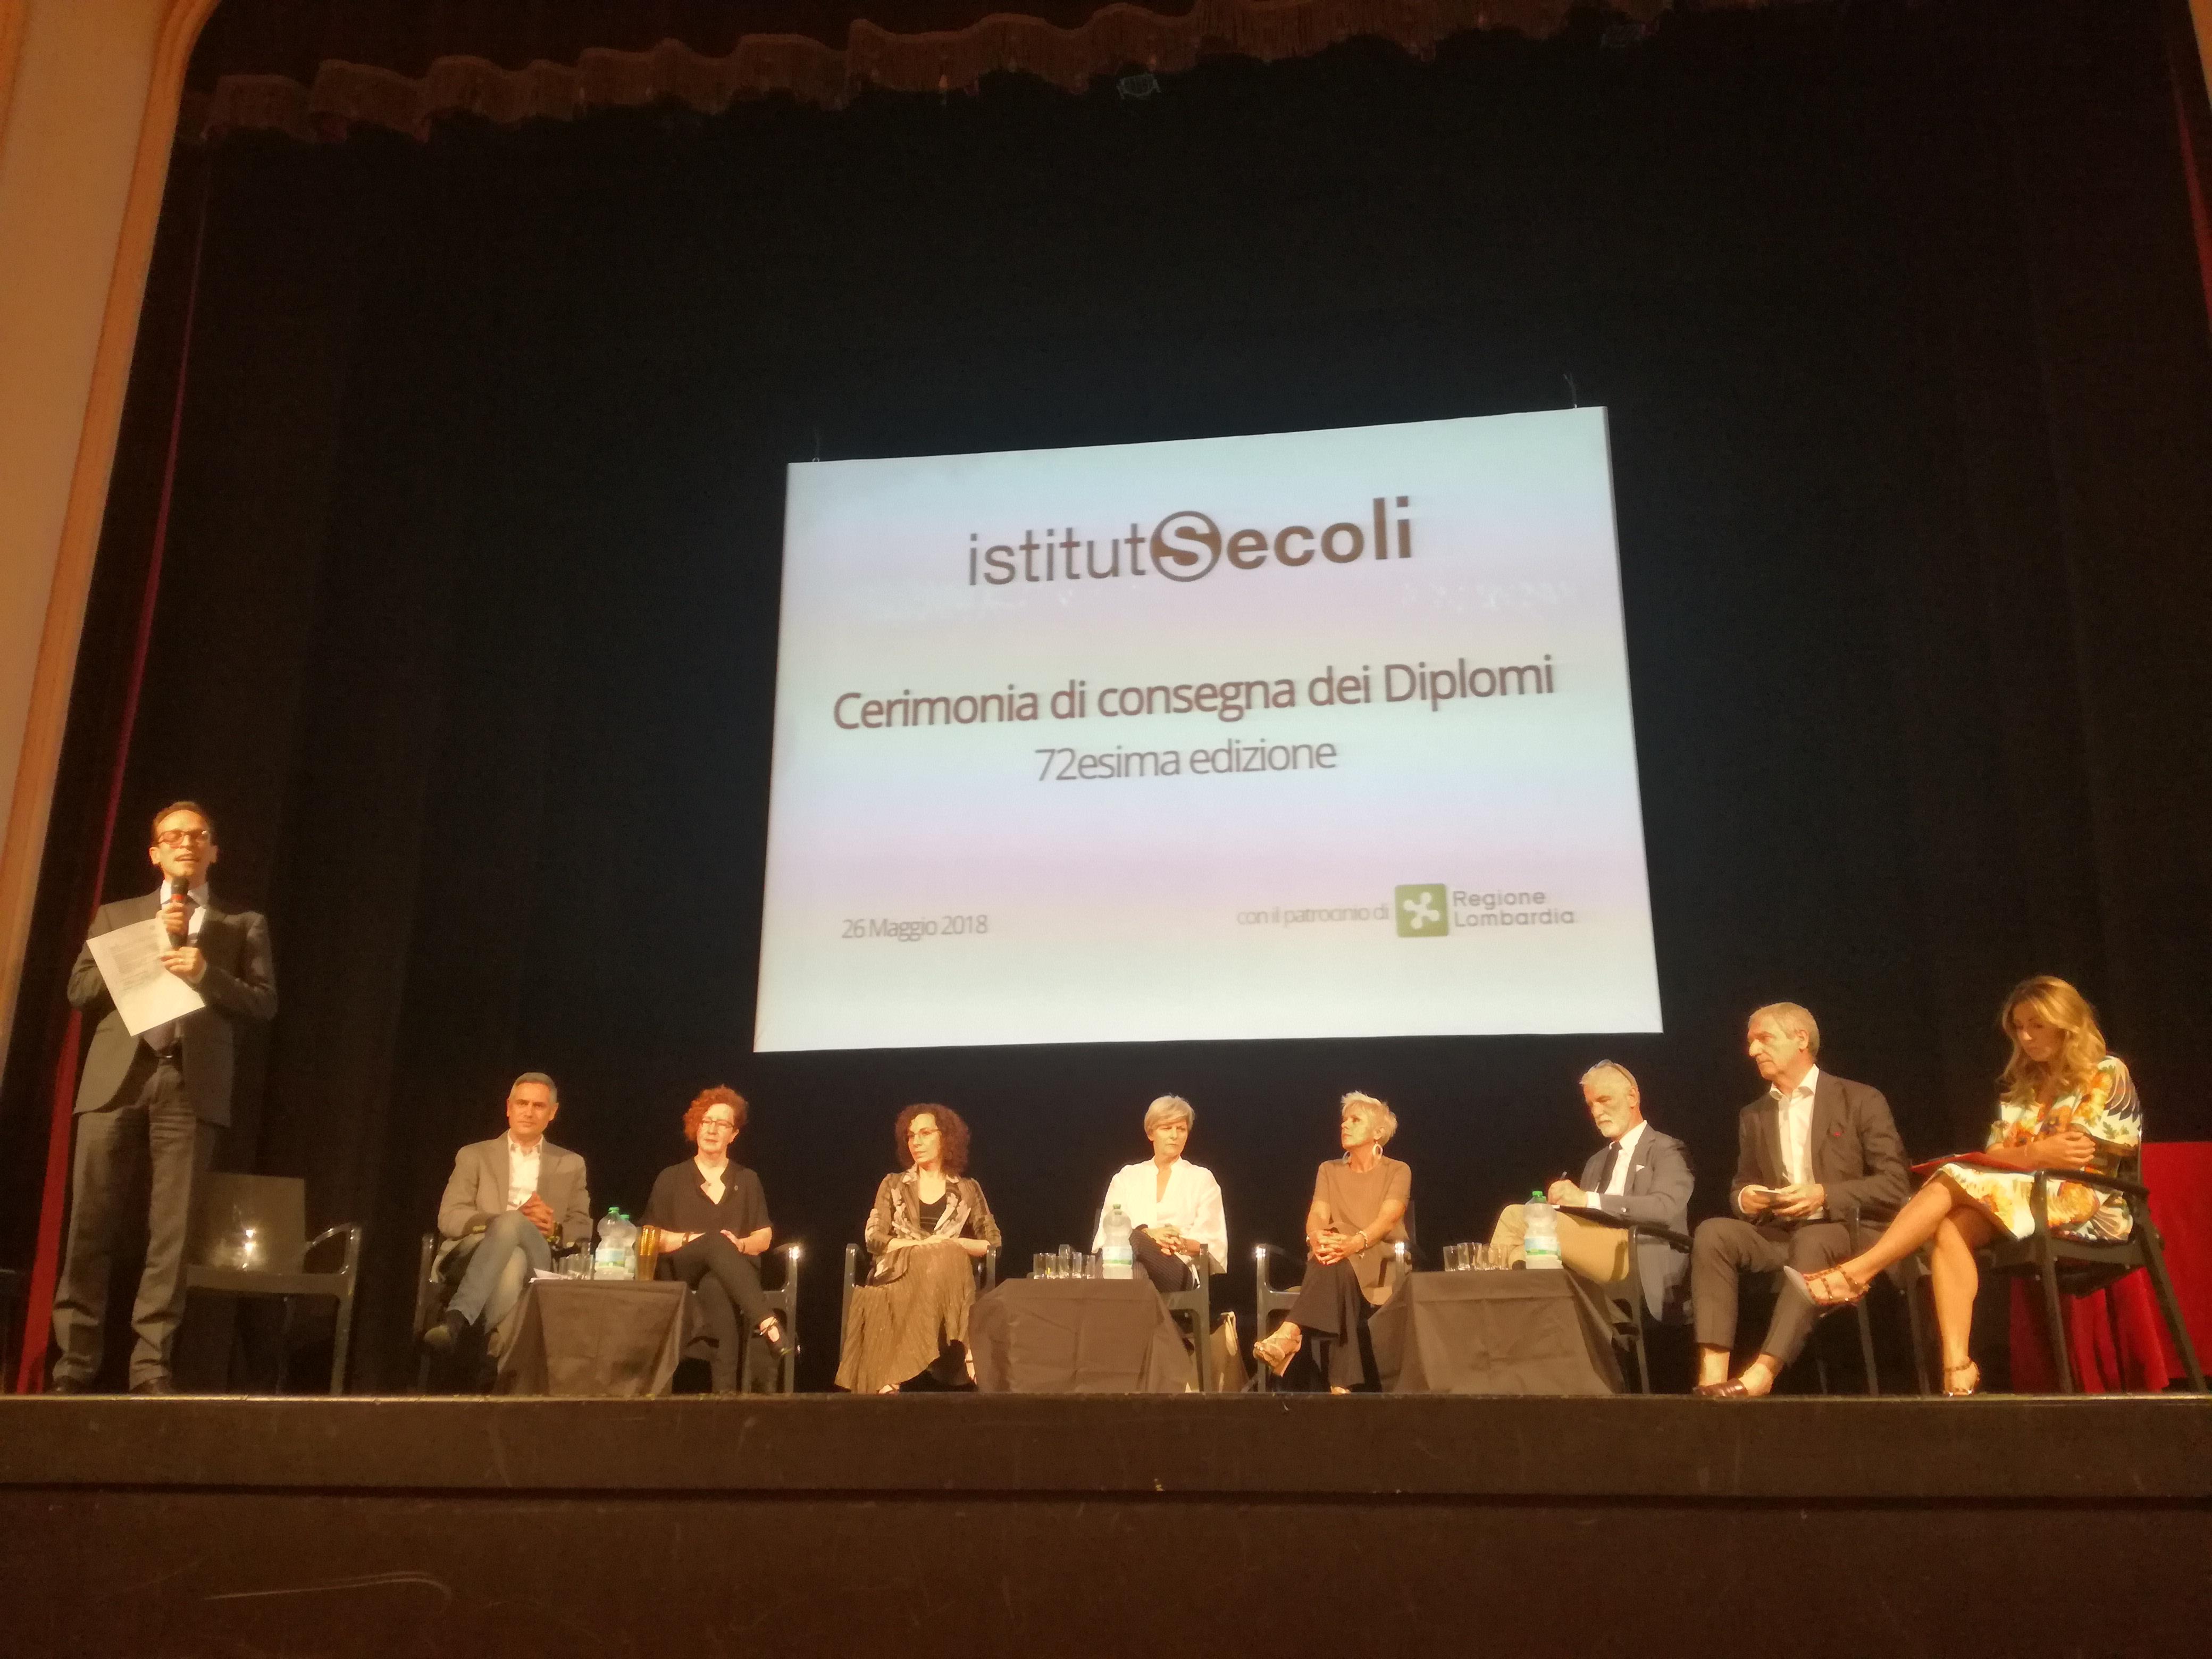 Istituto Secoli: i suggerimenti degli esperti moda e consegna dei diplomi